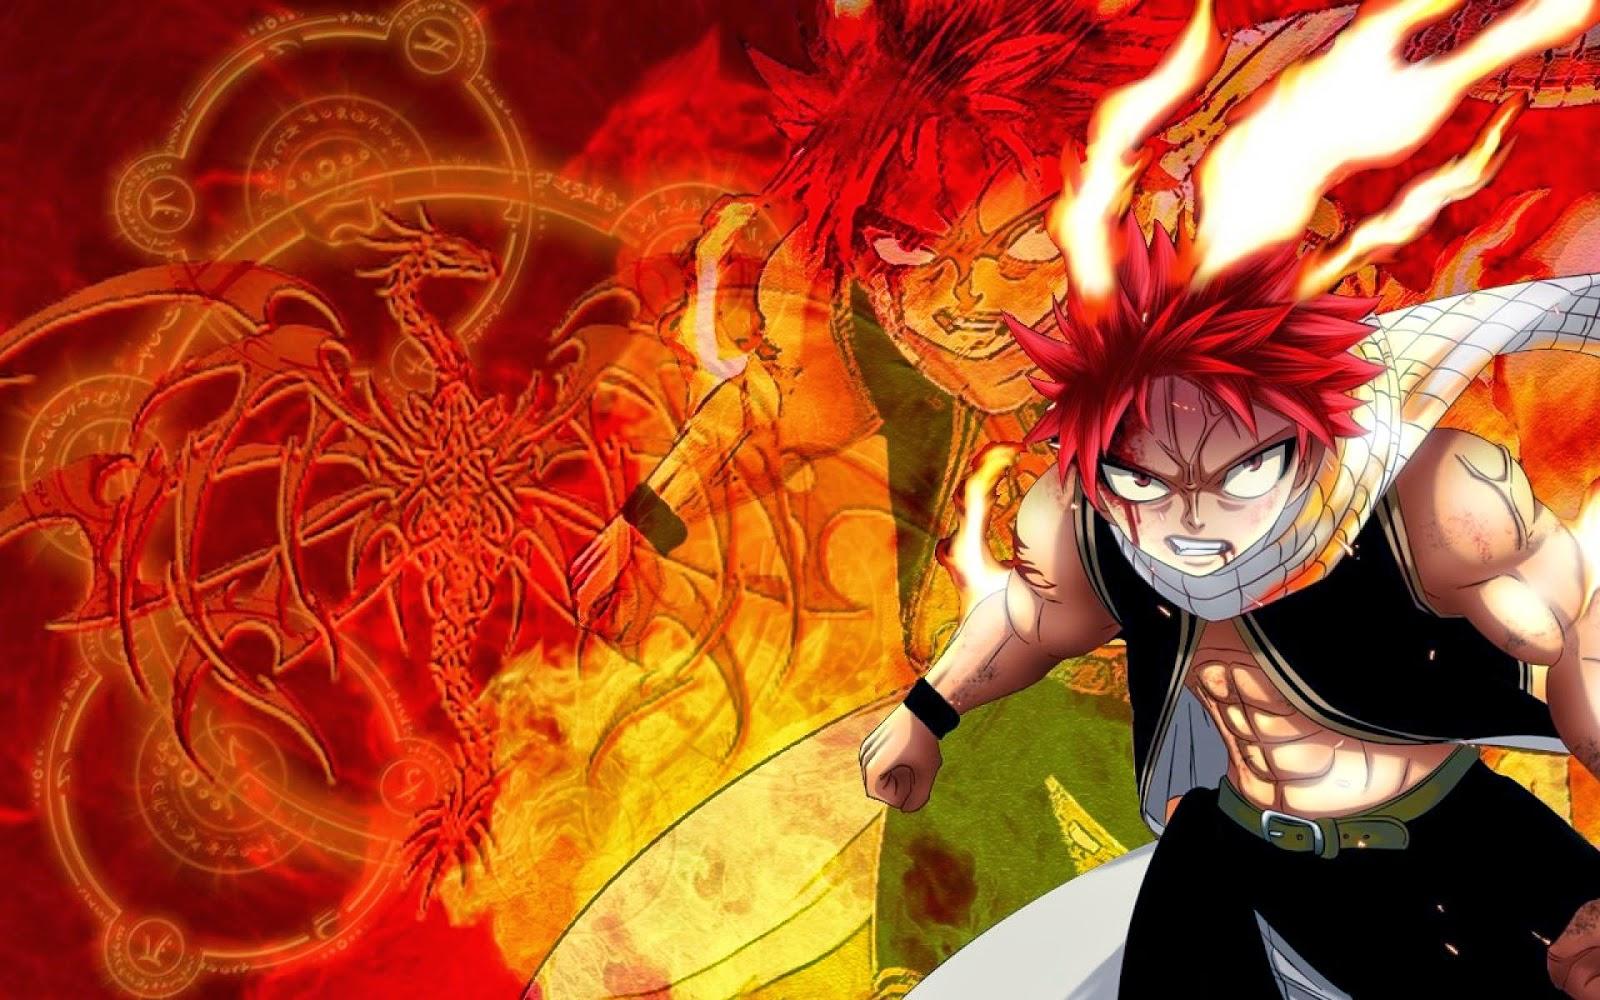 Hình ảnh Natsu đầy sức mạnh. Tuyển chọn hình nền đẹp nhất về phim hoạt hình Fairy Tail cho màn hình máy tính.